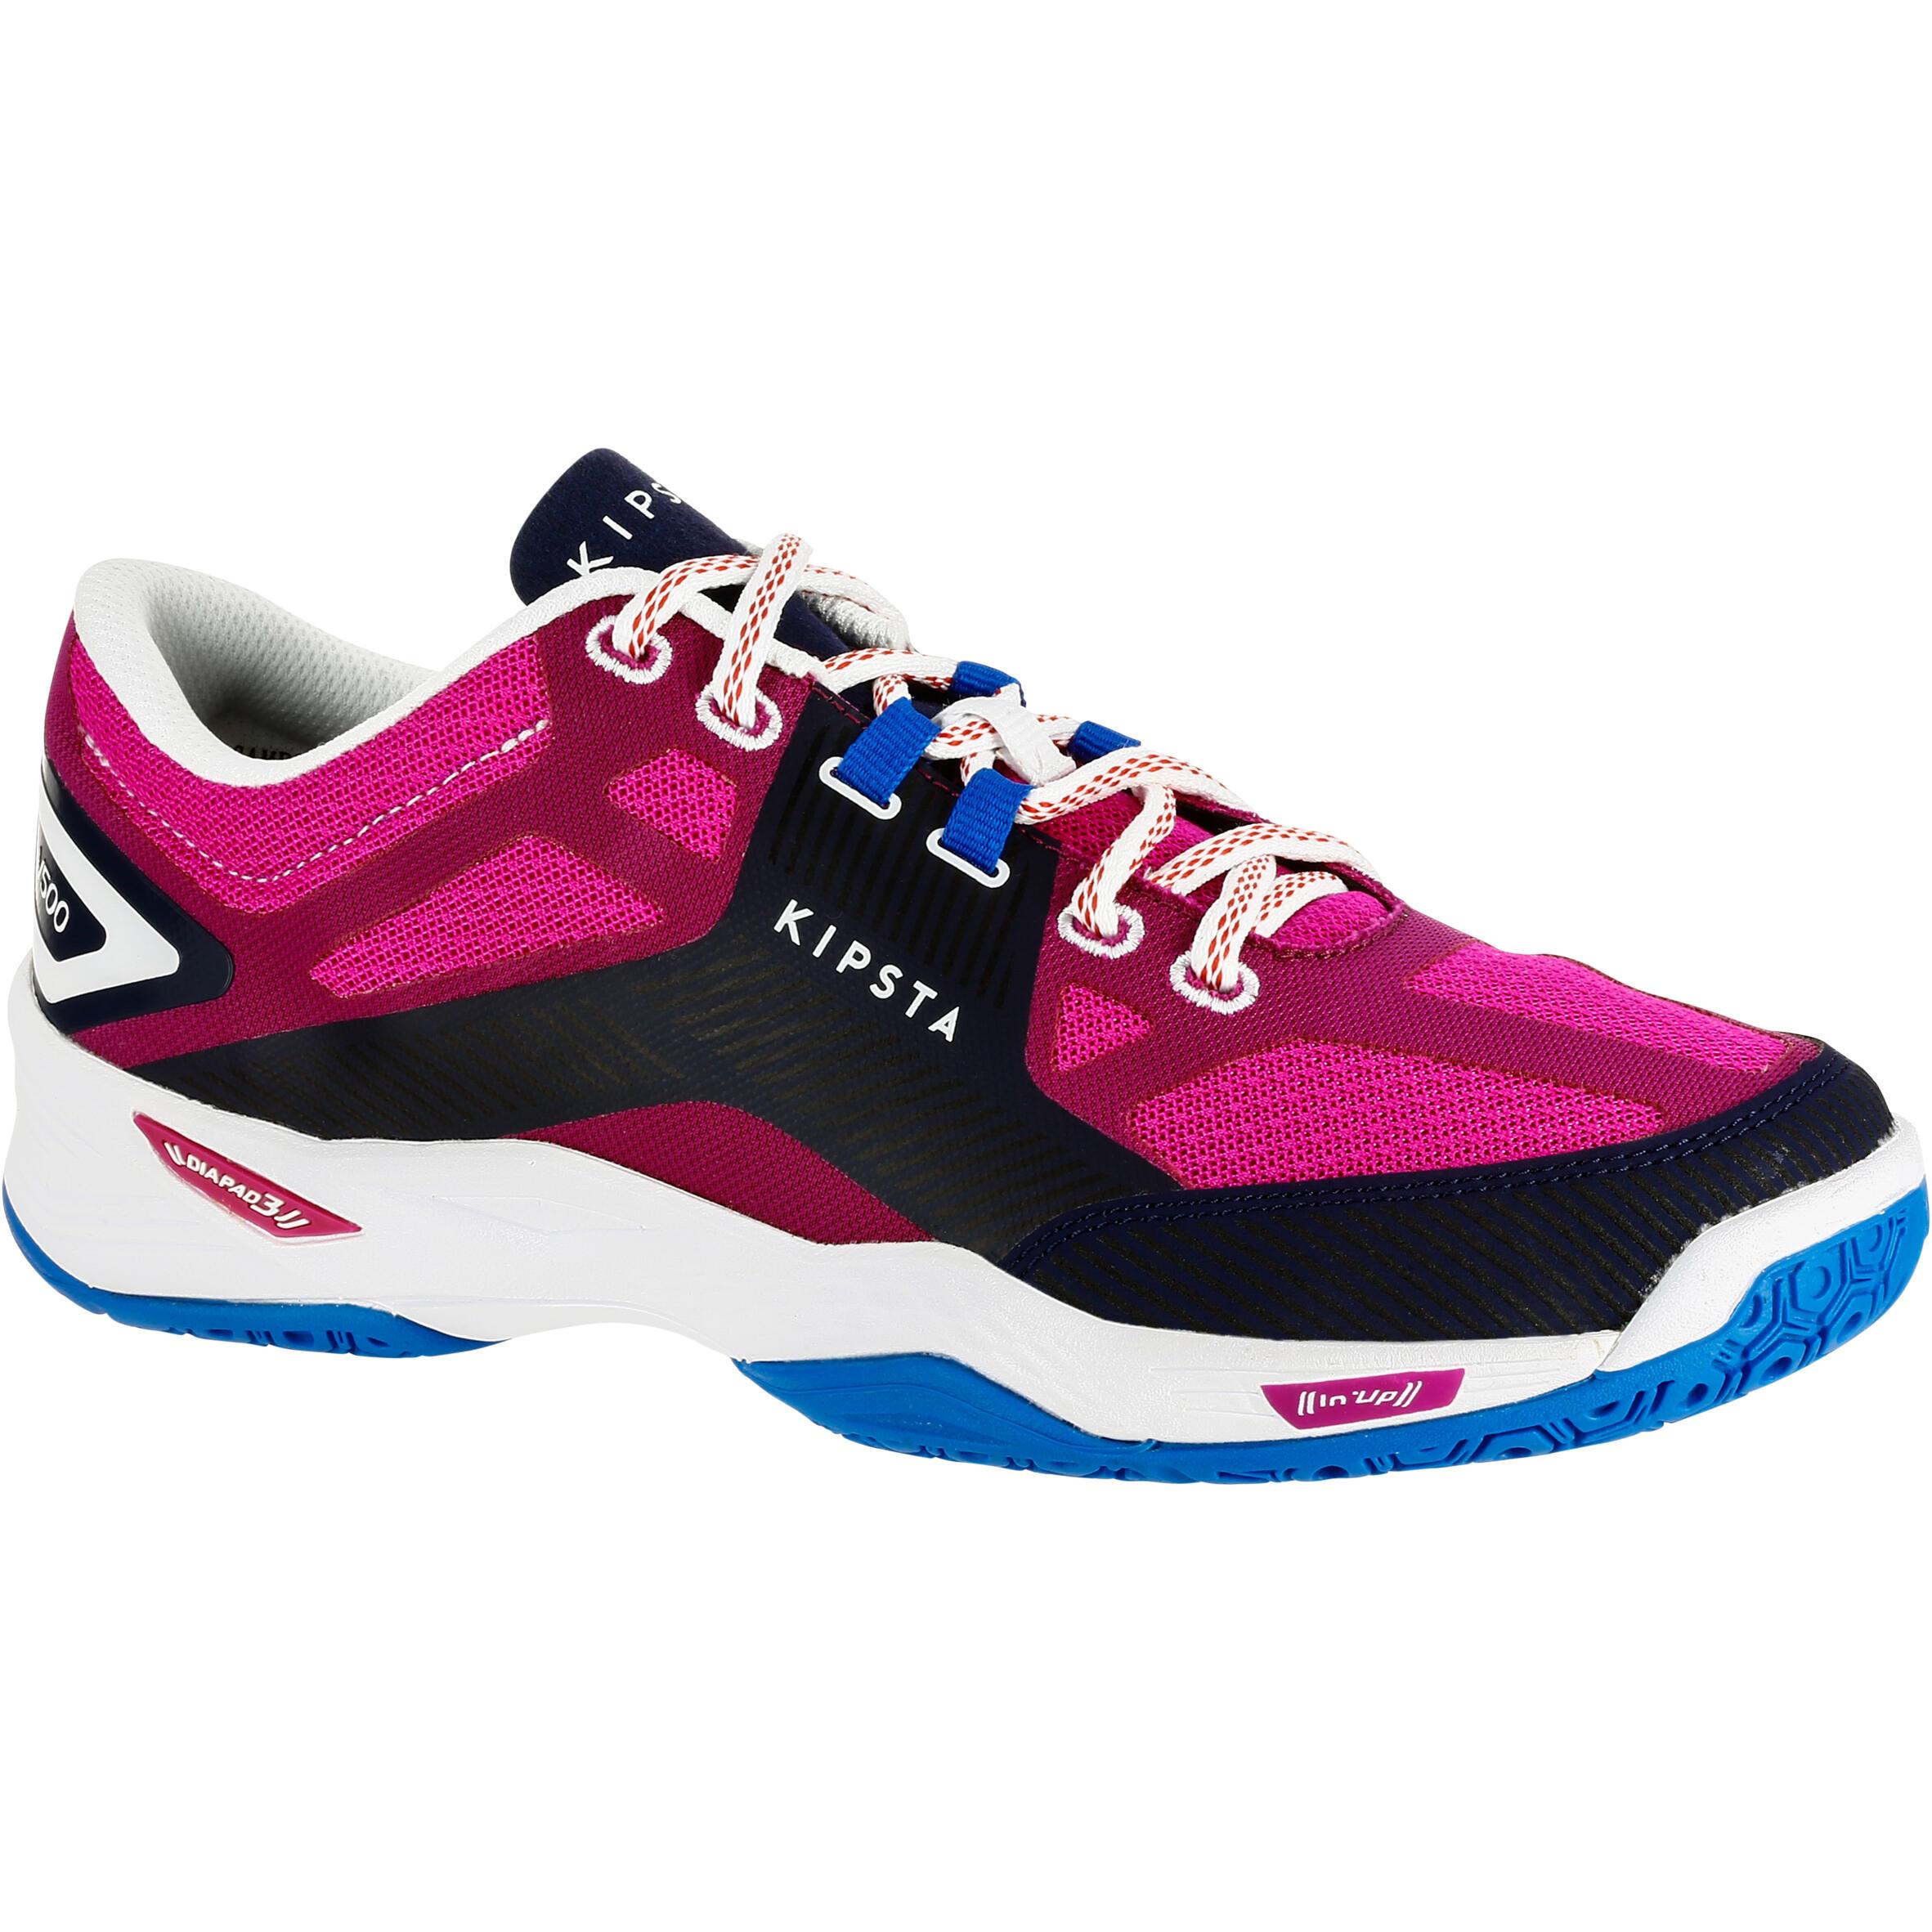 Allsix Volleybalschoenen voor dames V500 blauw/roze